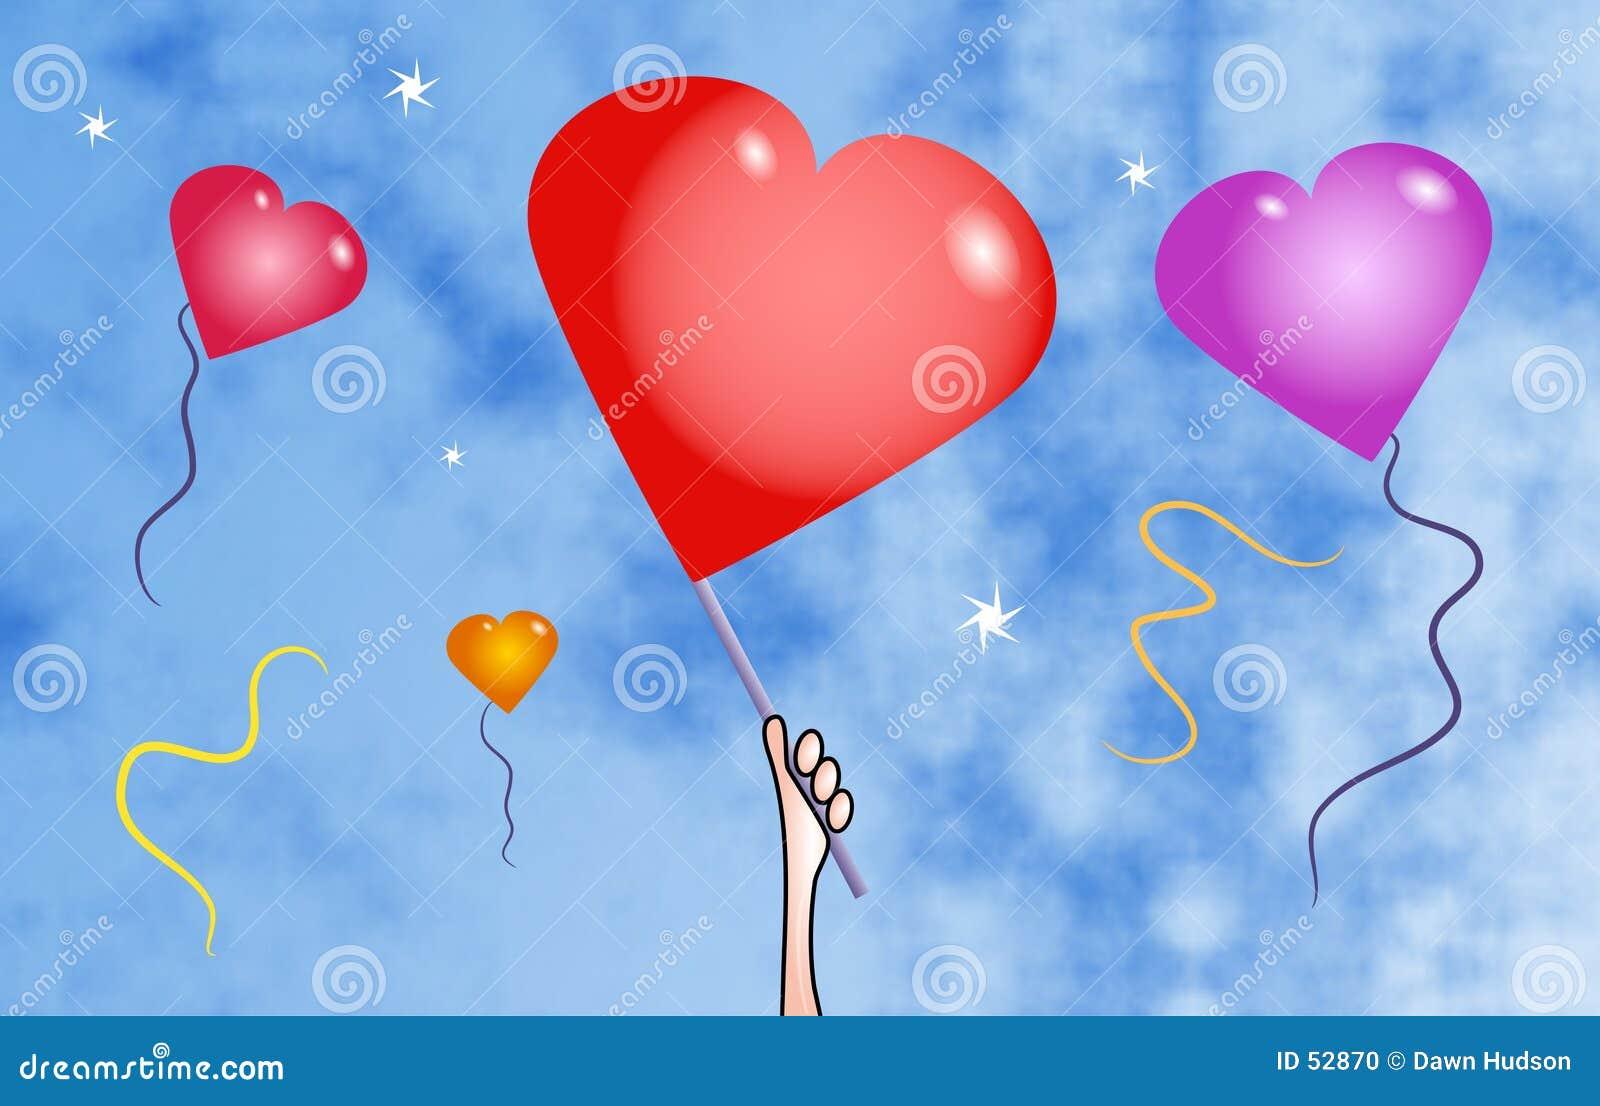 Balões do coração